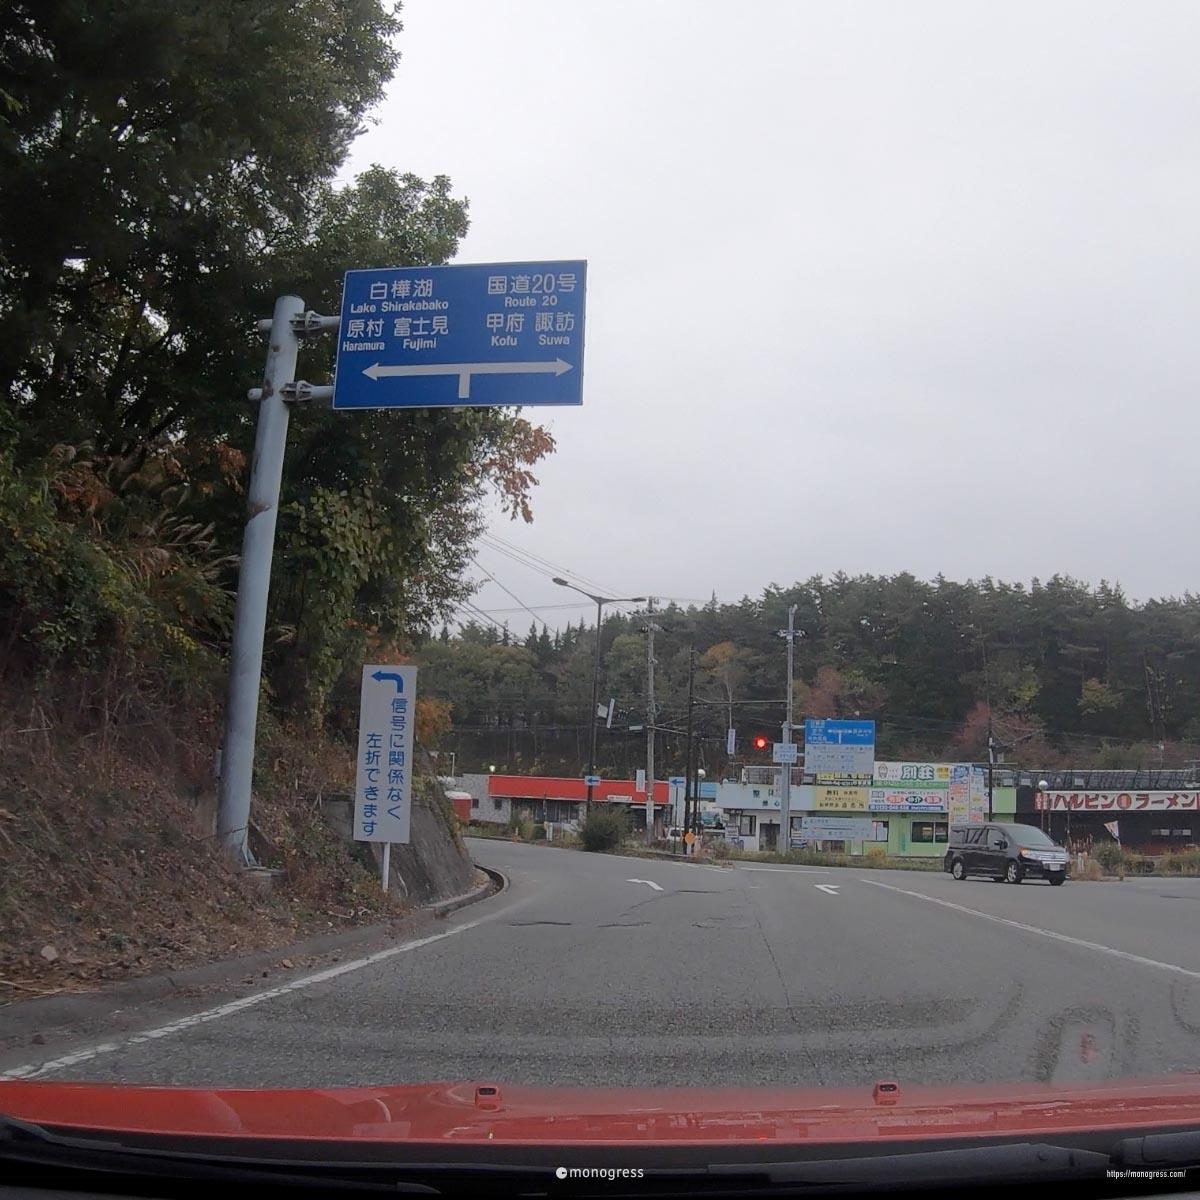 長野県原村 前面展望 諏訪南インター